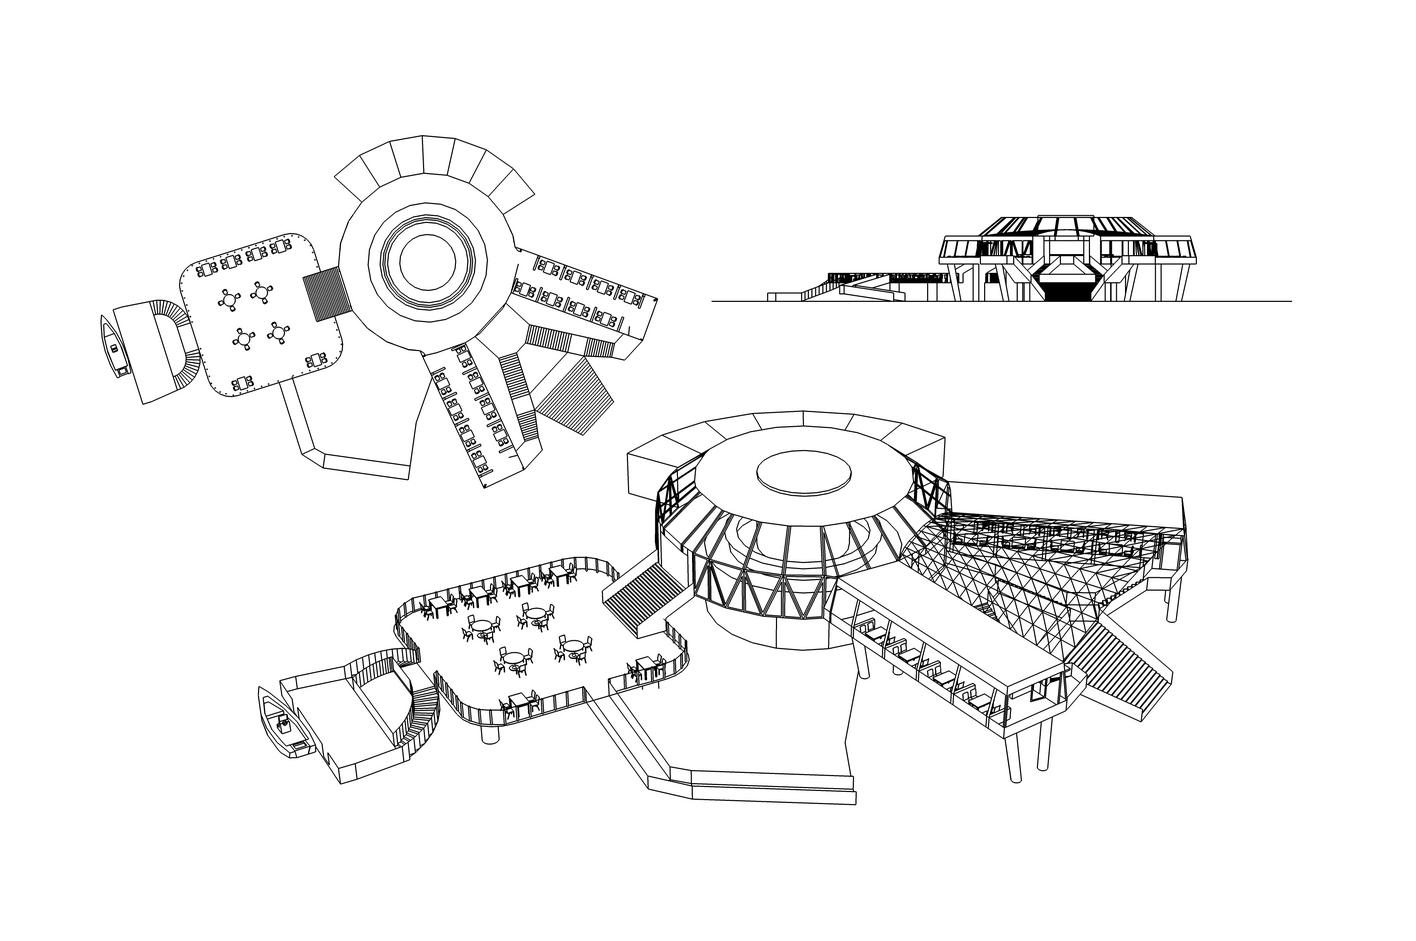 园林设计图  茶室餐厅   本人的一次作业  相关专题:茶室餐厅设计